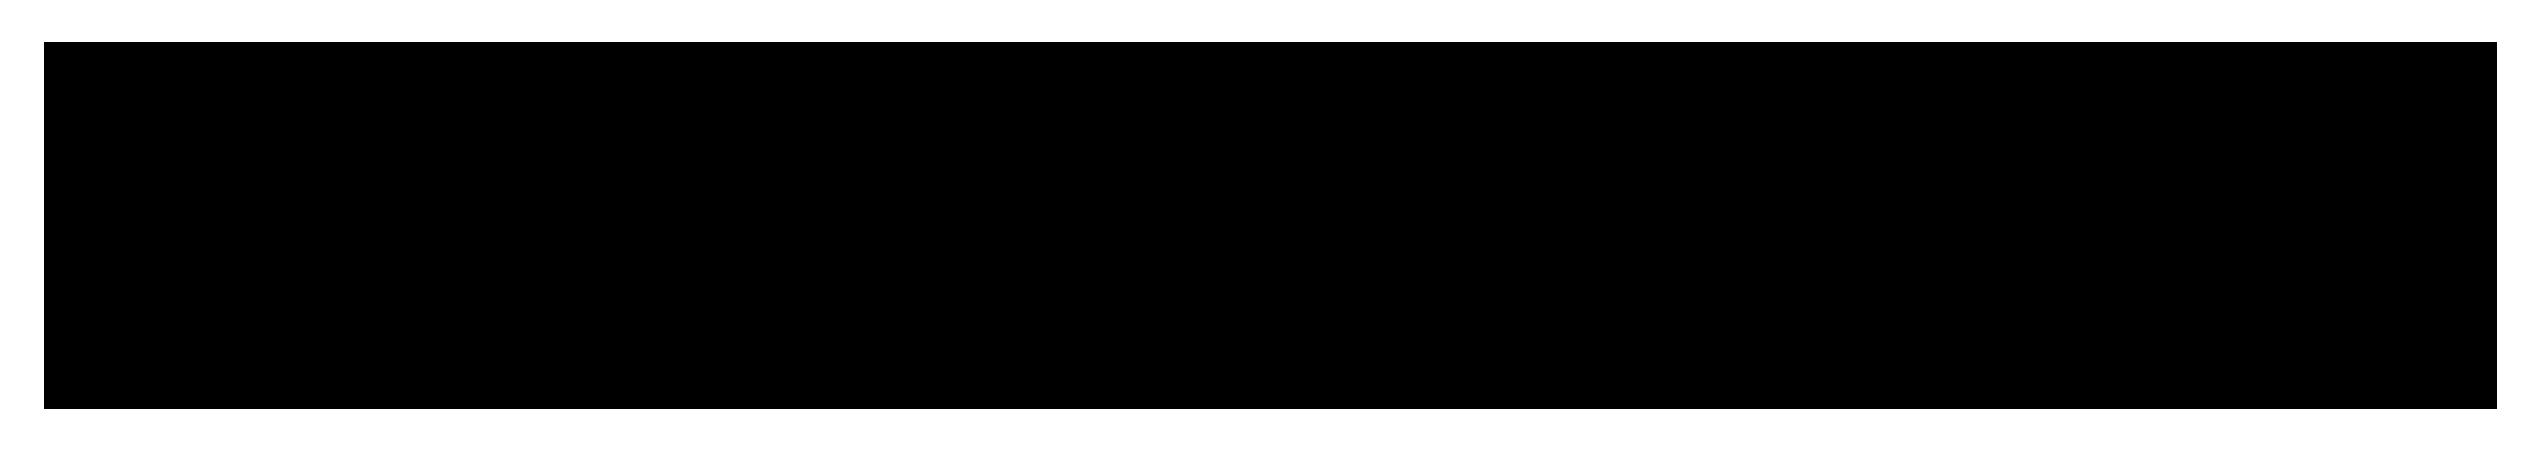 Beleco_logo_svart